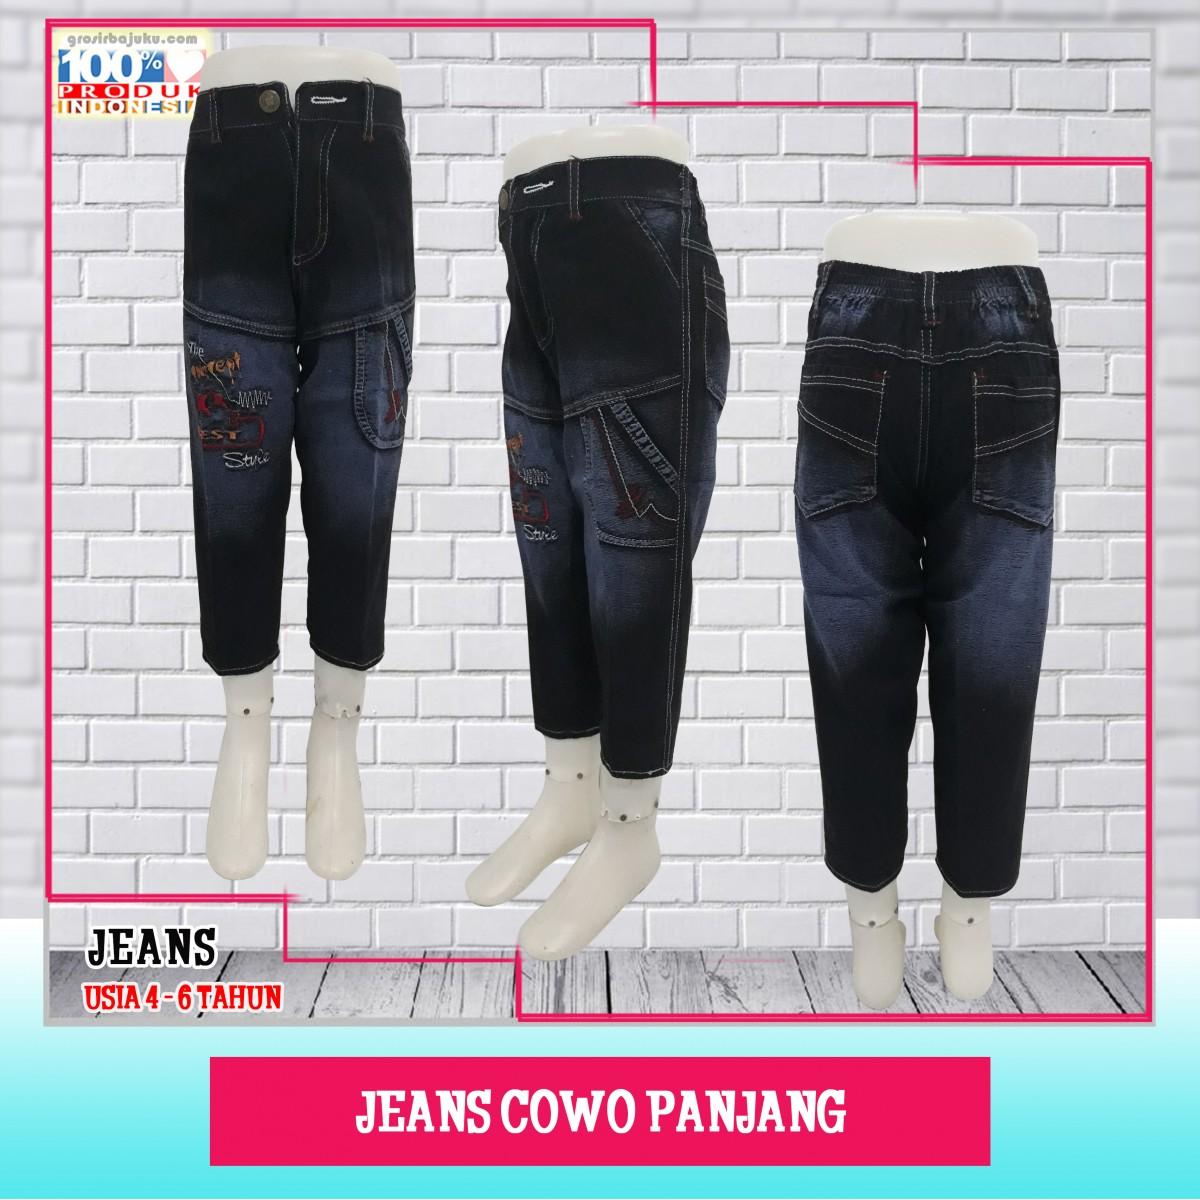 Pusat Grosir Baju Murah Solo Klewer 2019 Produsen Jeans Panjang Cowo Murah di Solo